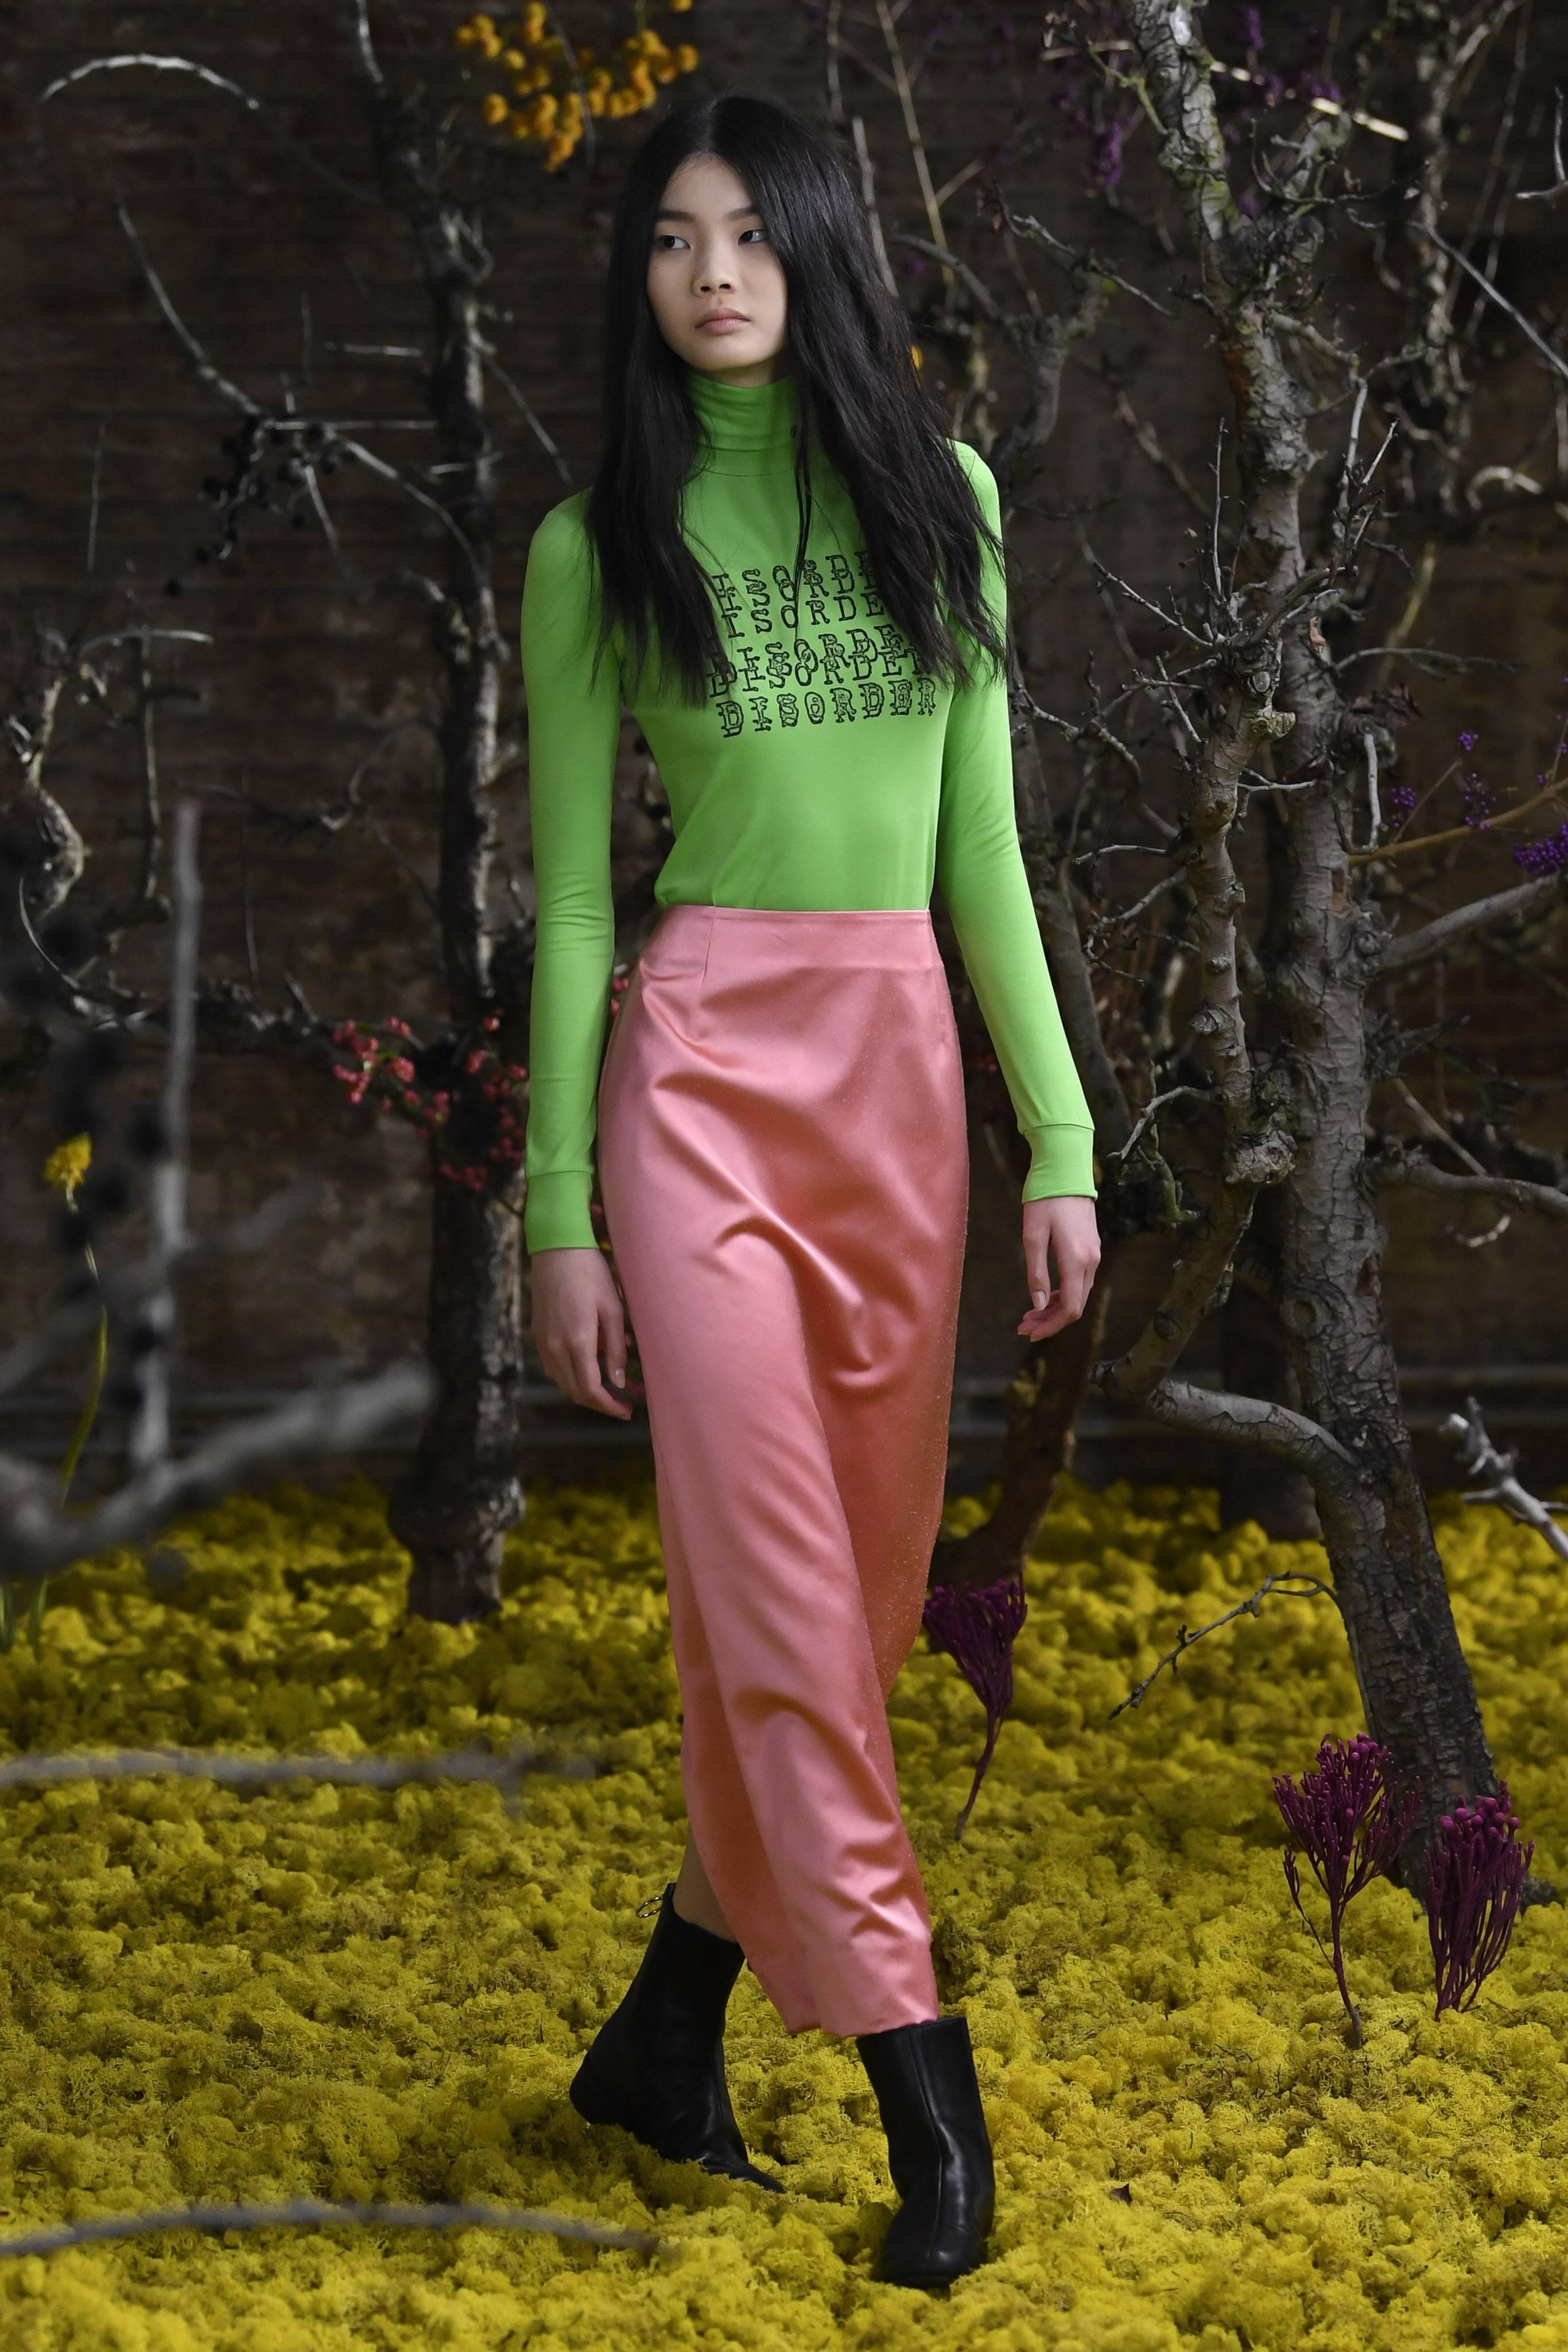 Одооноос өмсөж эхлэх энэ хавар-зуны сэтгэл сэргээм өнгөнүүд (фото 16)